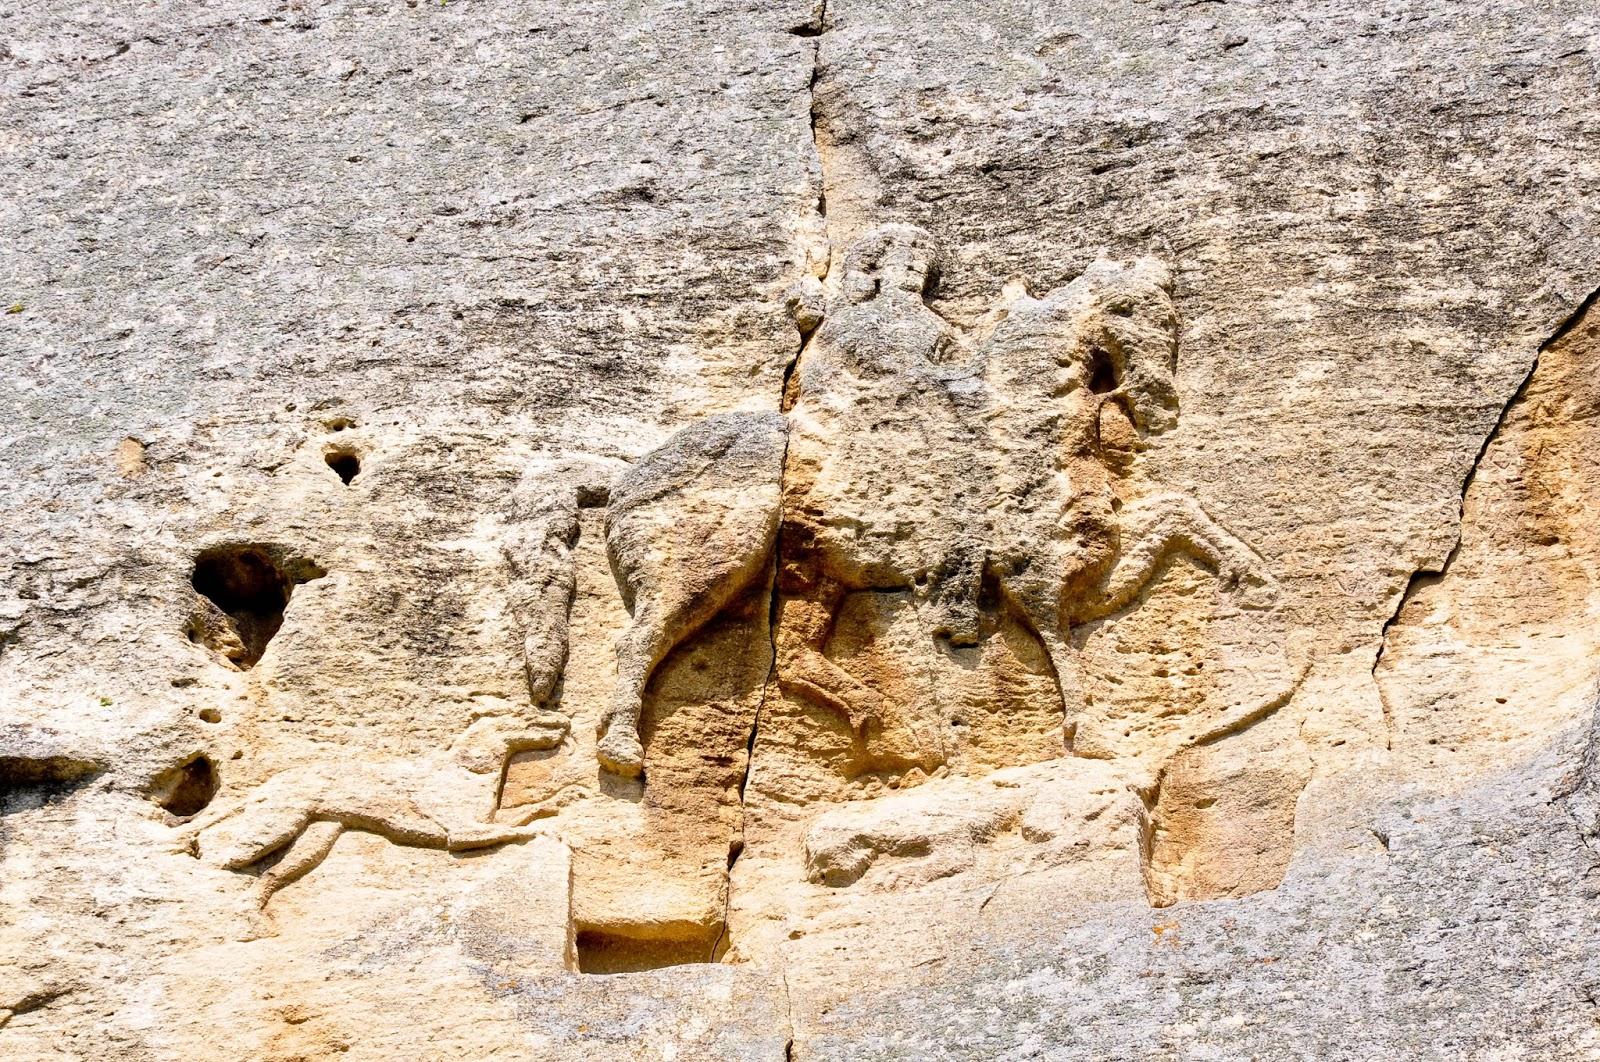 Madara Horseman, Bulgaria